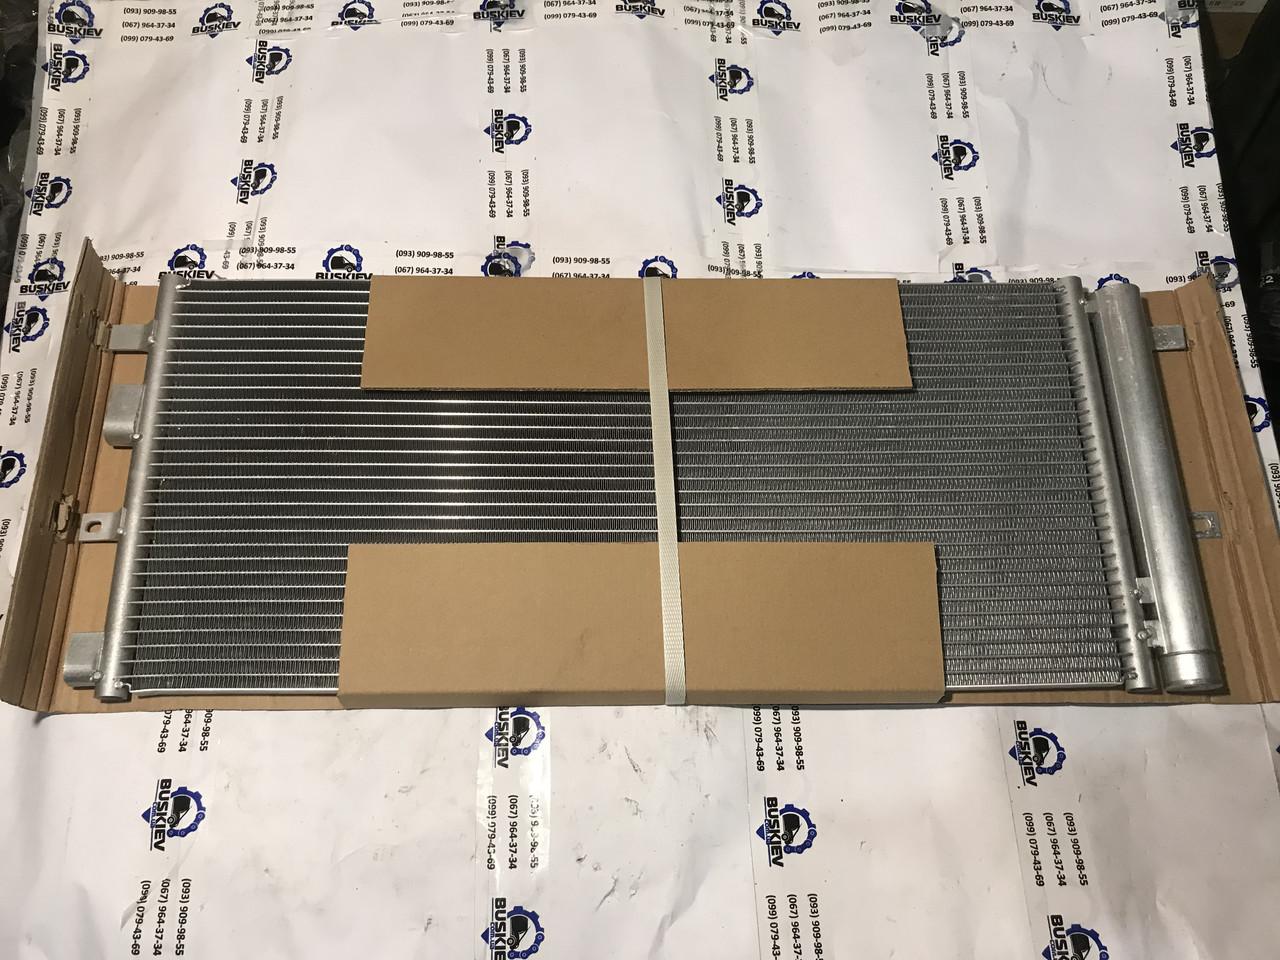 Радиатор кондиционера Ford Mondeo с 2014- год DG9H-19710-AE